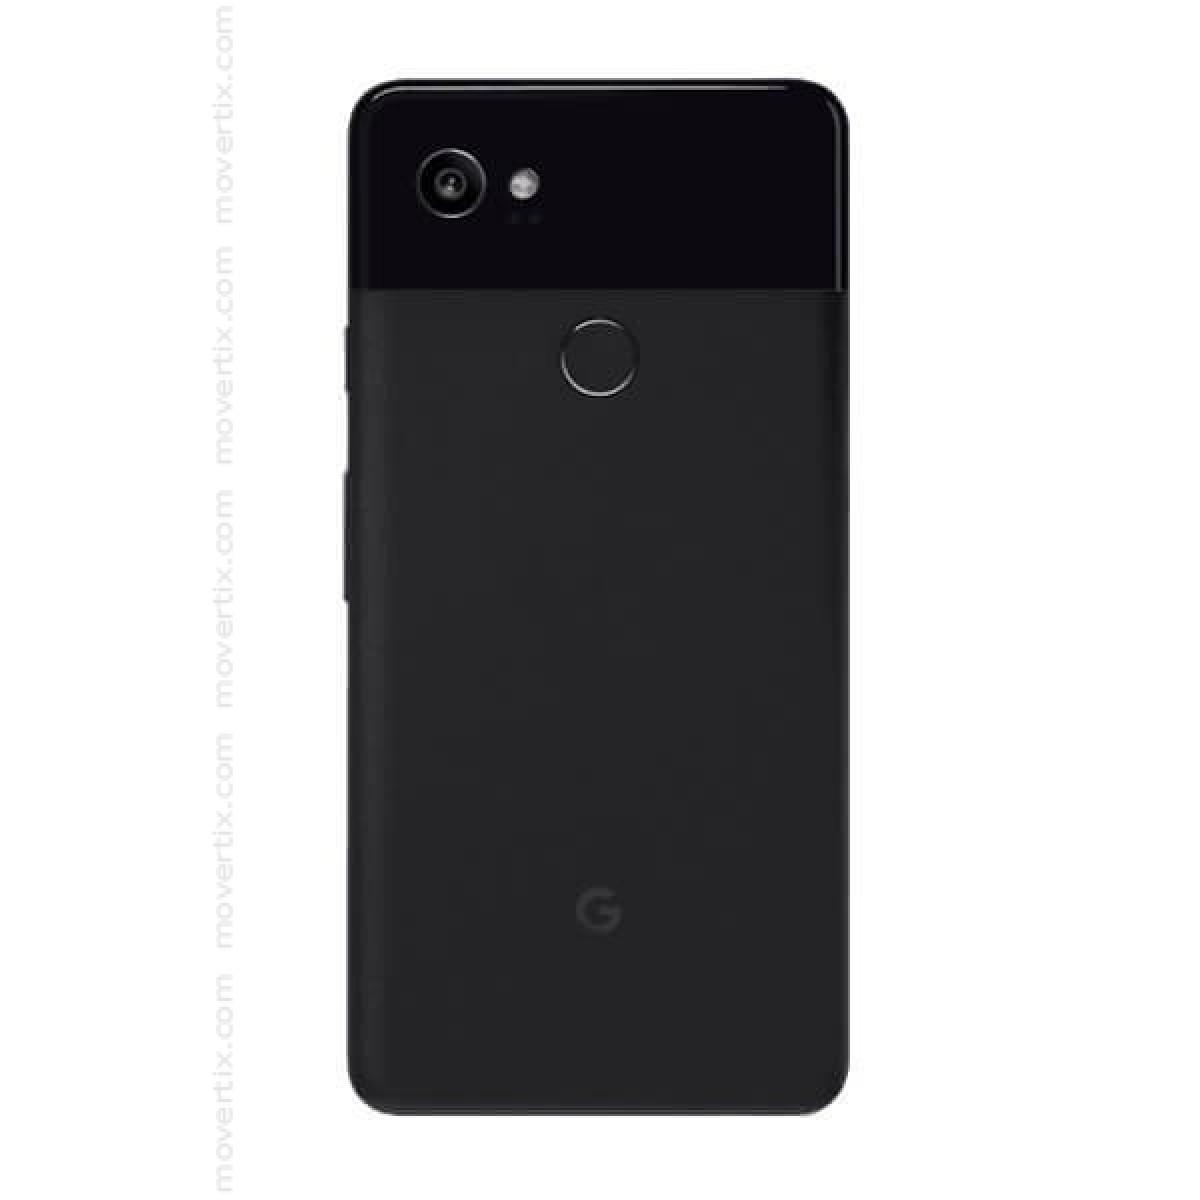 Google pixel 2 xl black 128gb